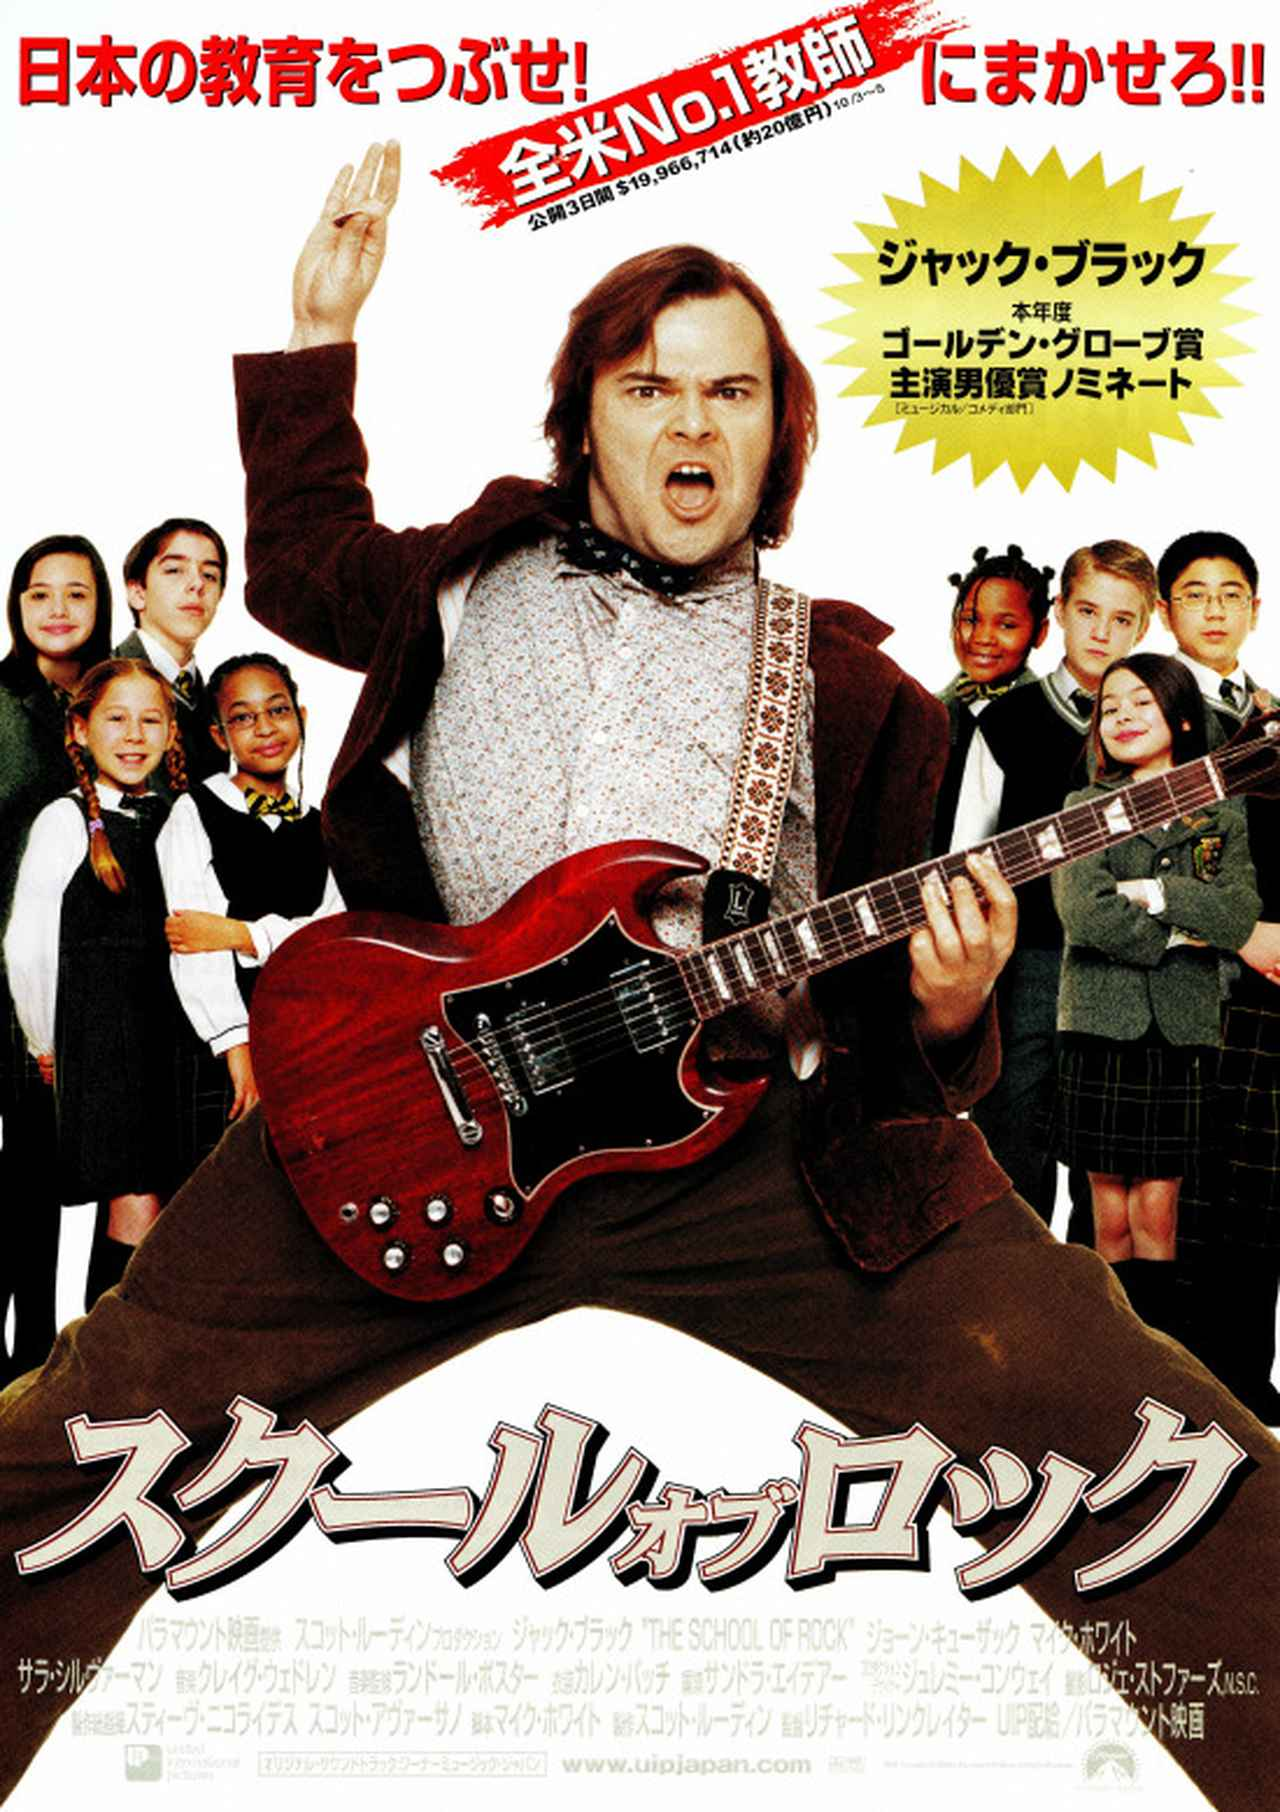 画像: スクール・オブ・ロック - 作品 - Yahoo!映画